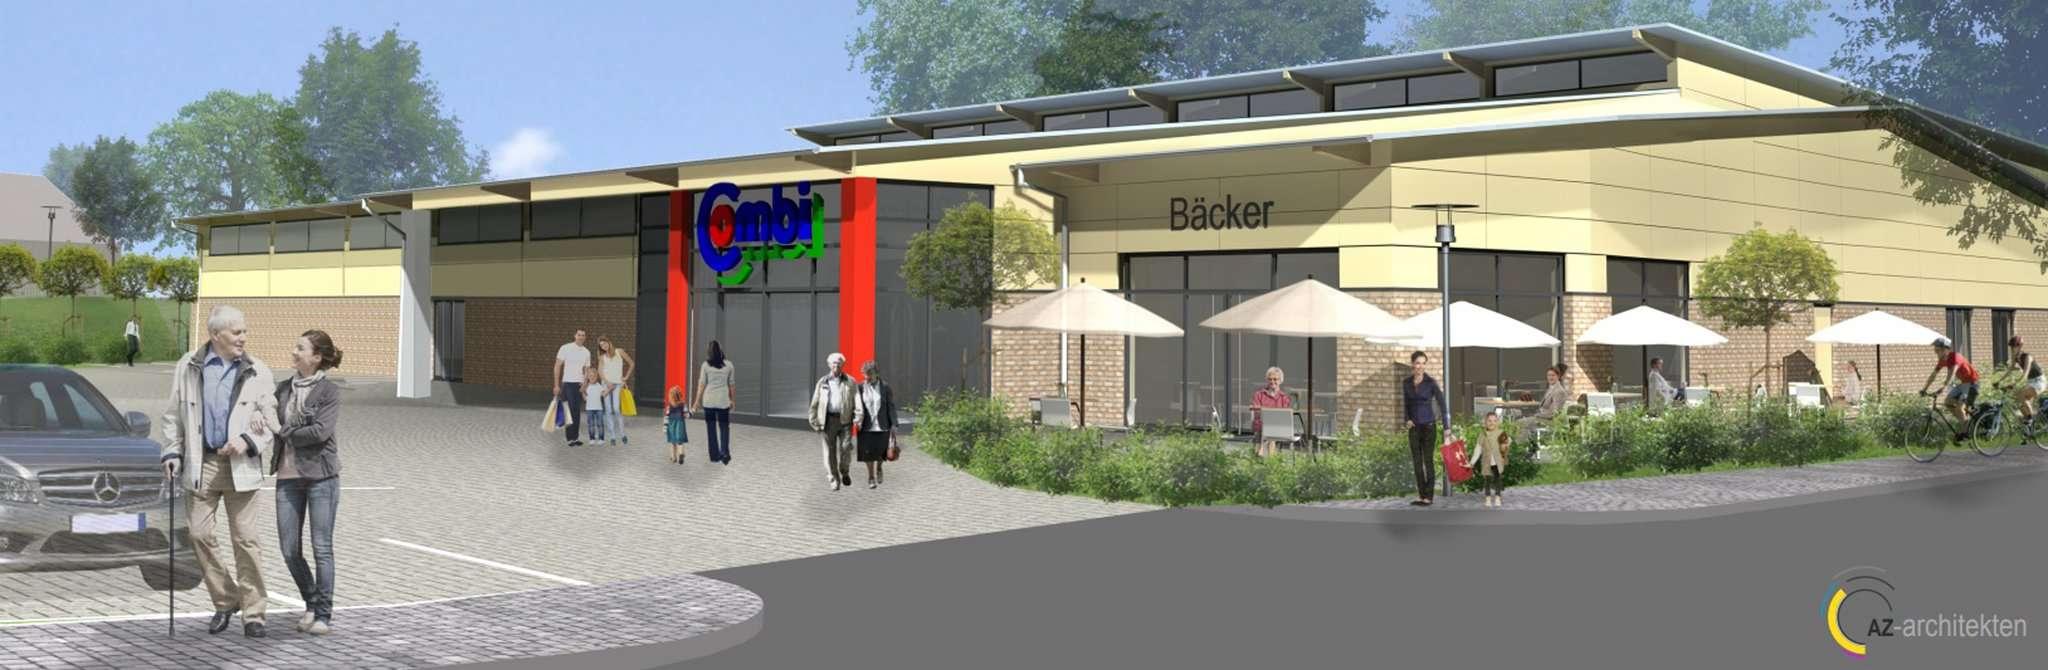 Kommt er oder kommt er nicht? Wenn es nach der Gemeinde Lauenbrück geht, solle der geplante Combi-Markt in Scheeßel mindestens verkleinert werden. Foto: AZ-Architekten